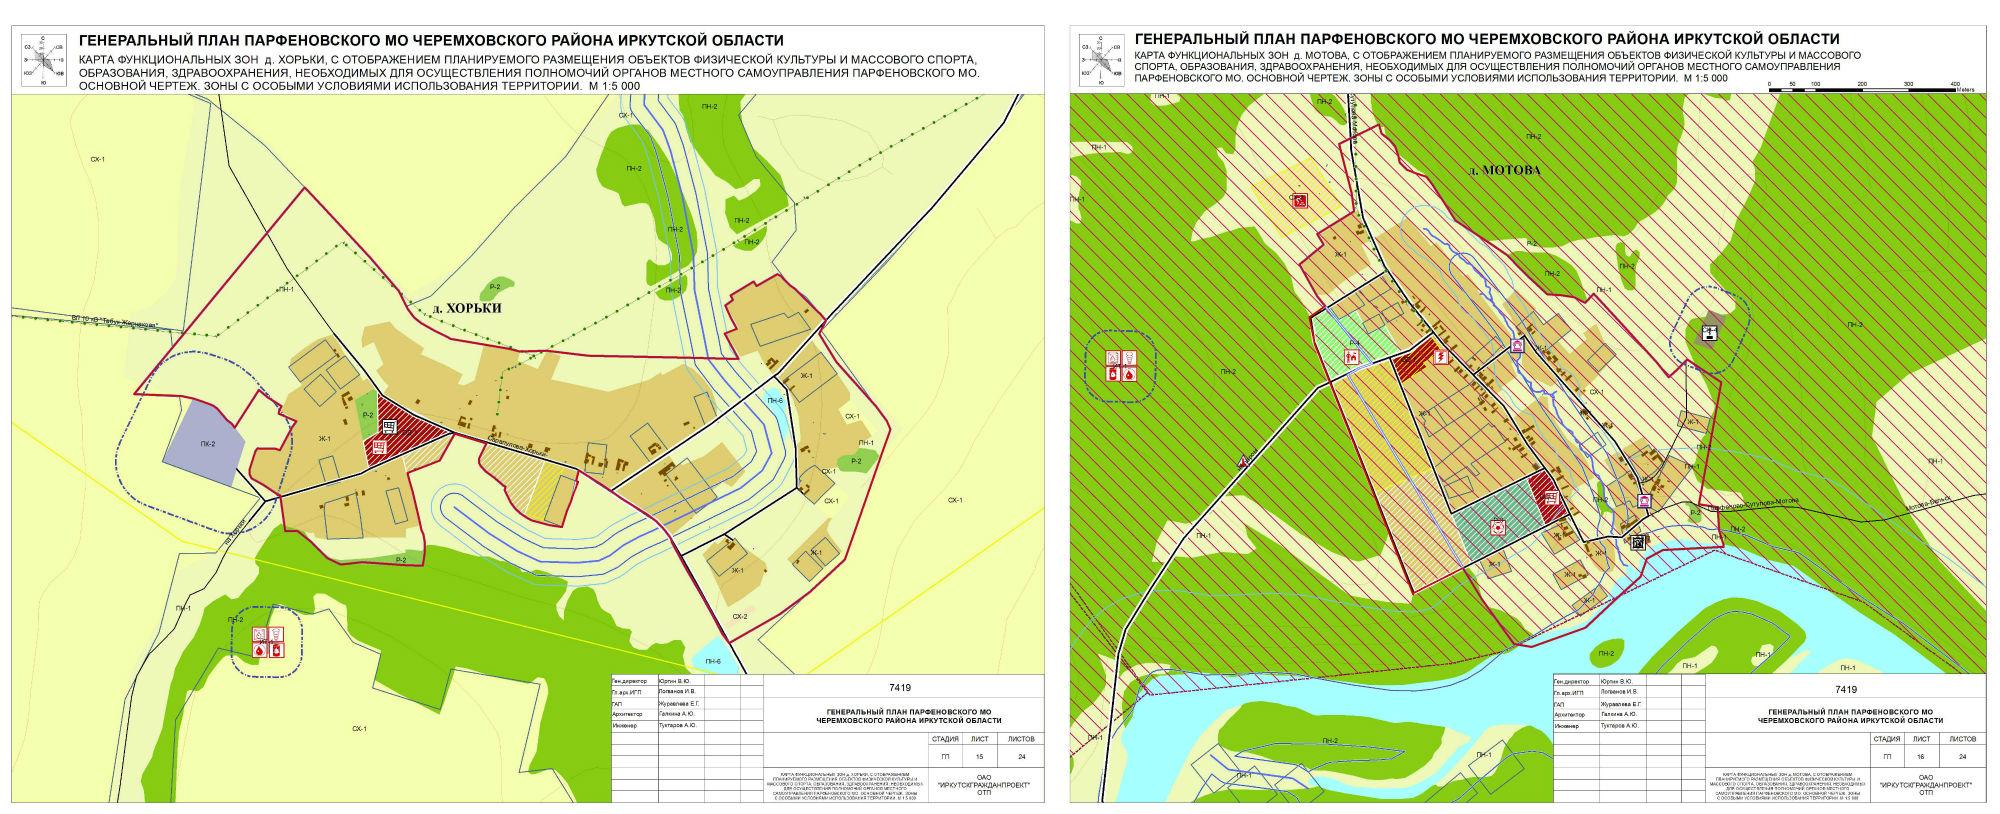 Схемы территориального планирования иркутского района